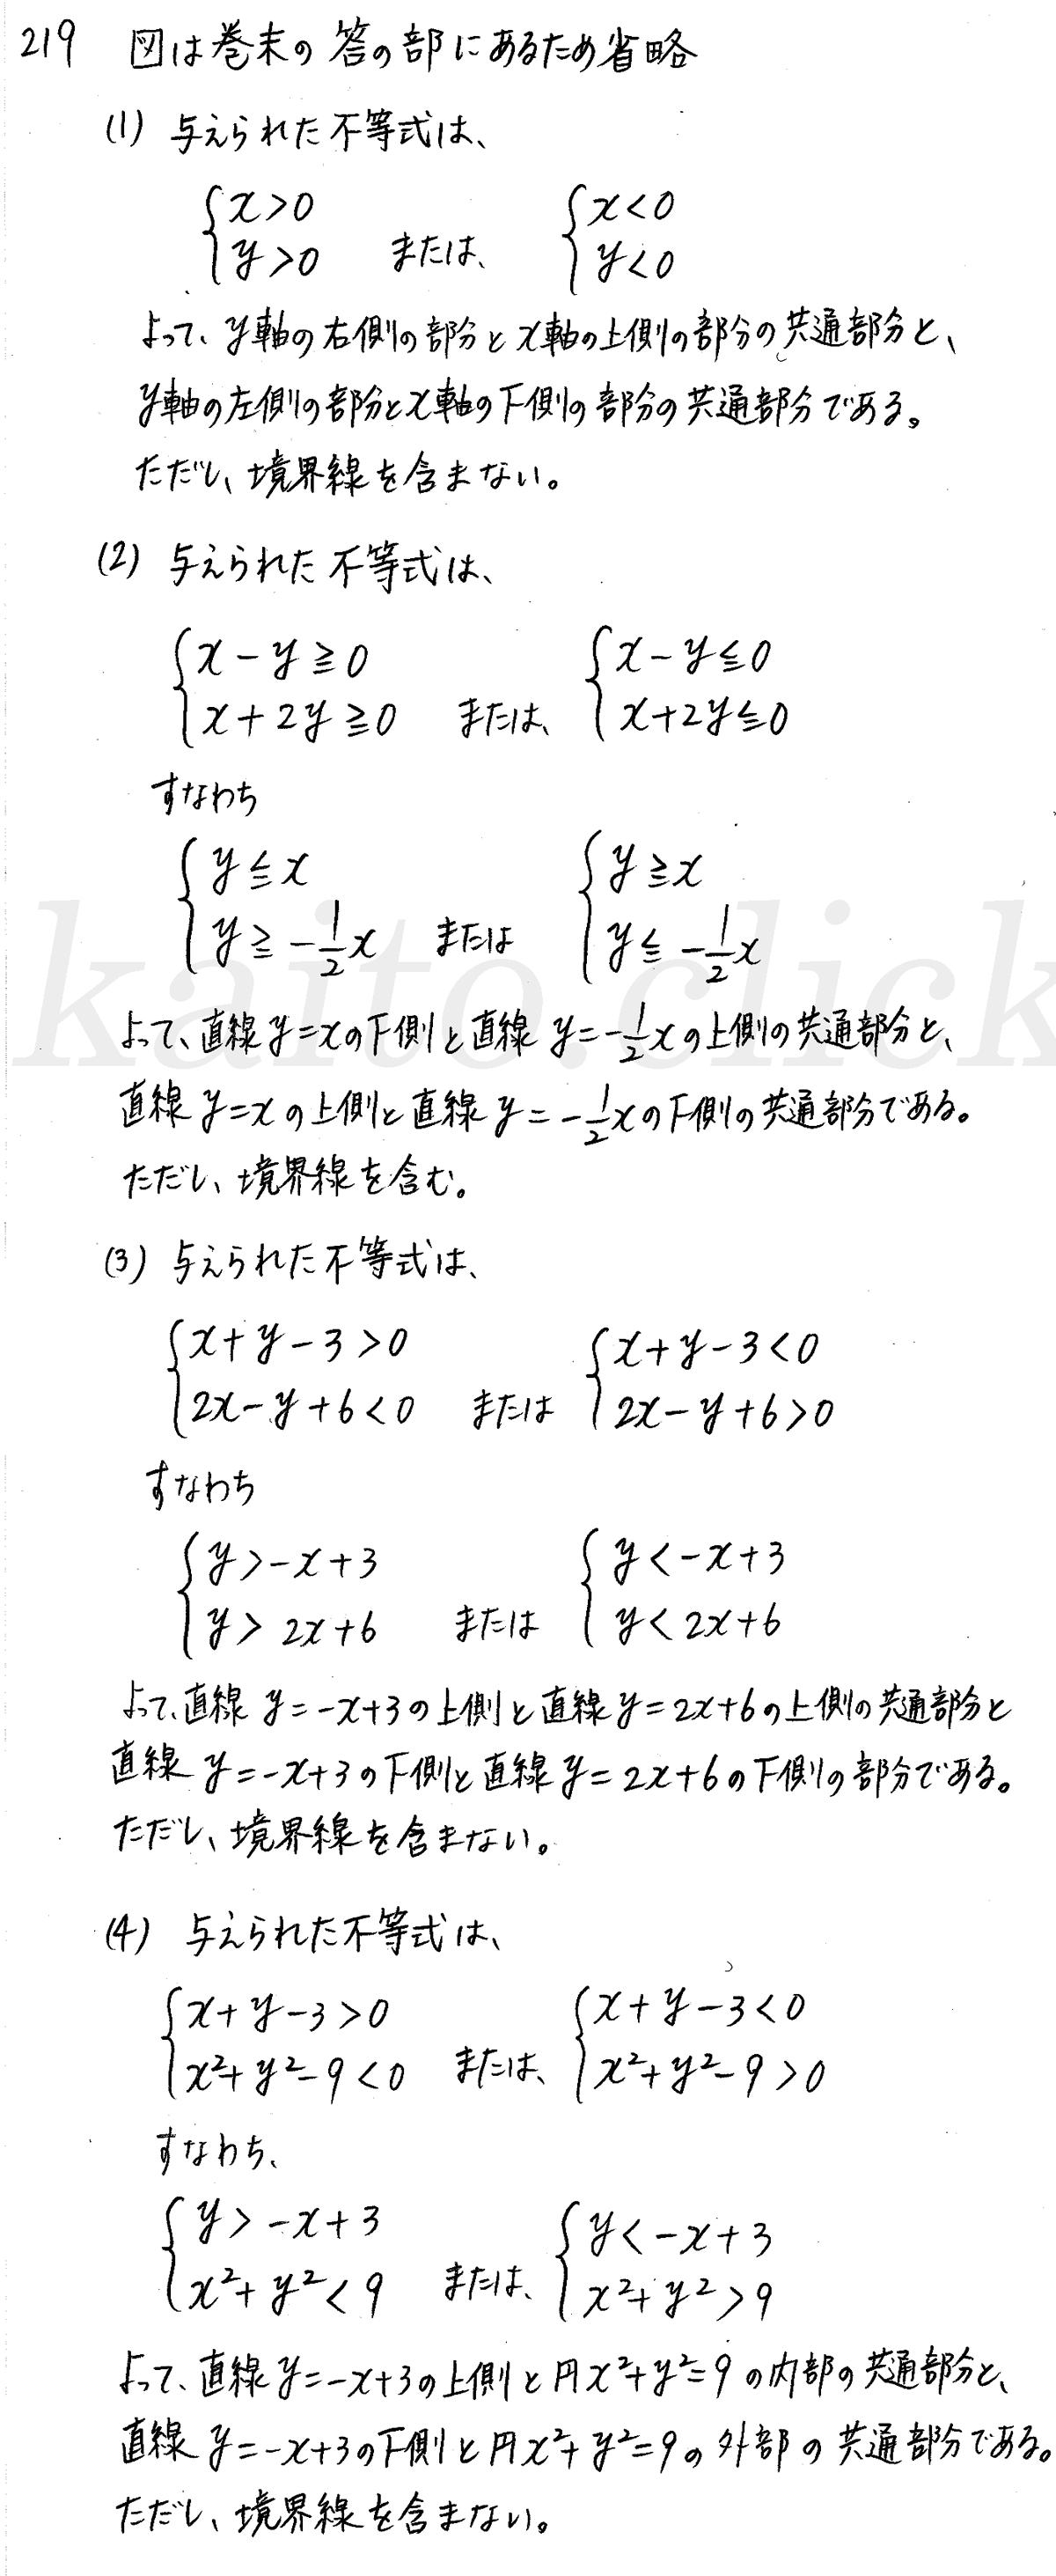 クリアー数学2-219解答